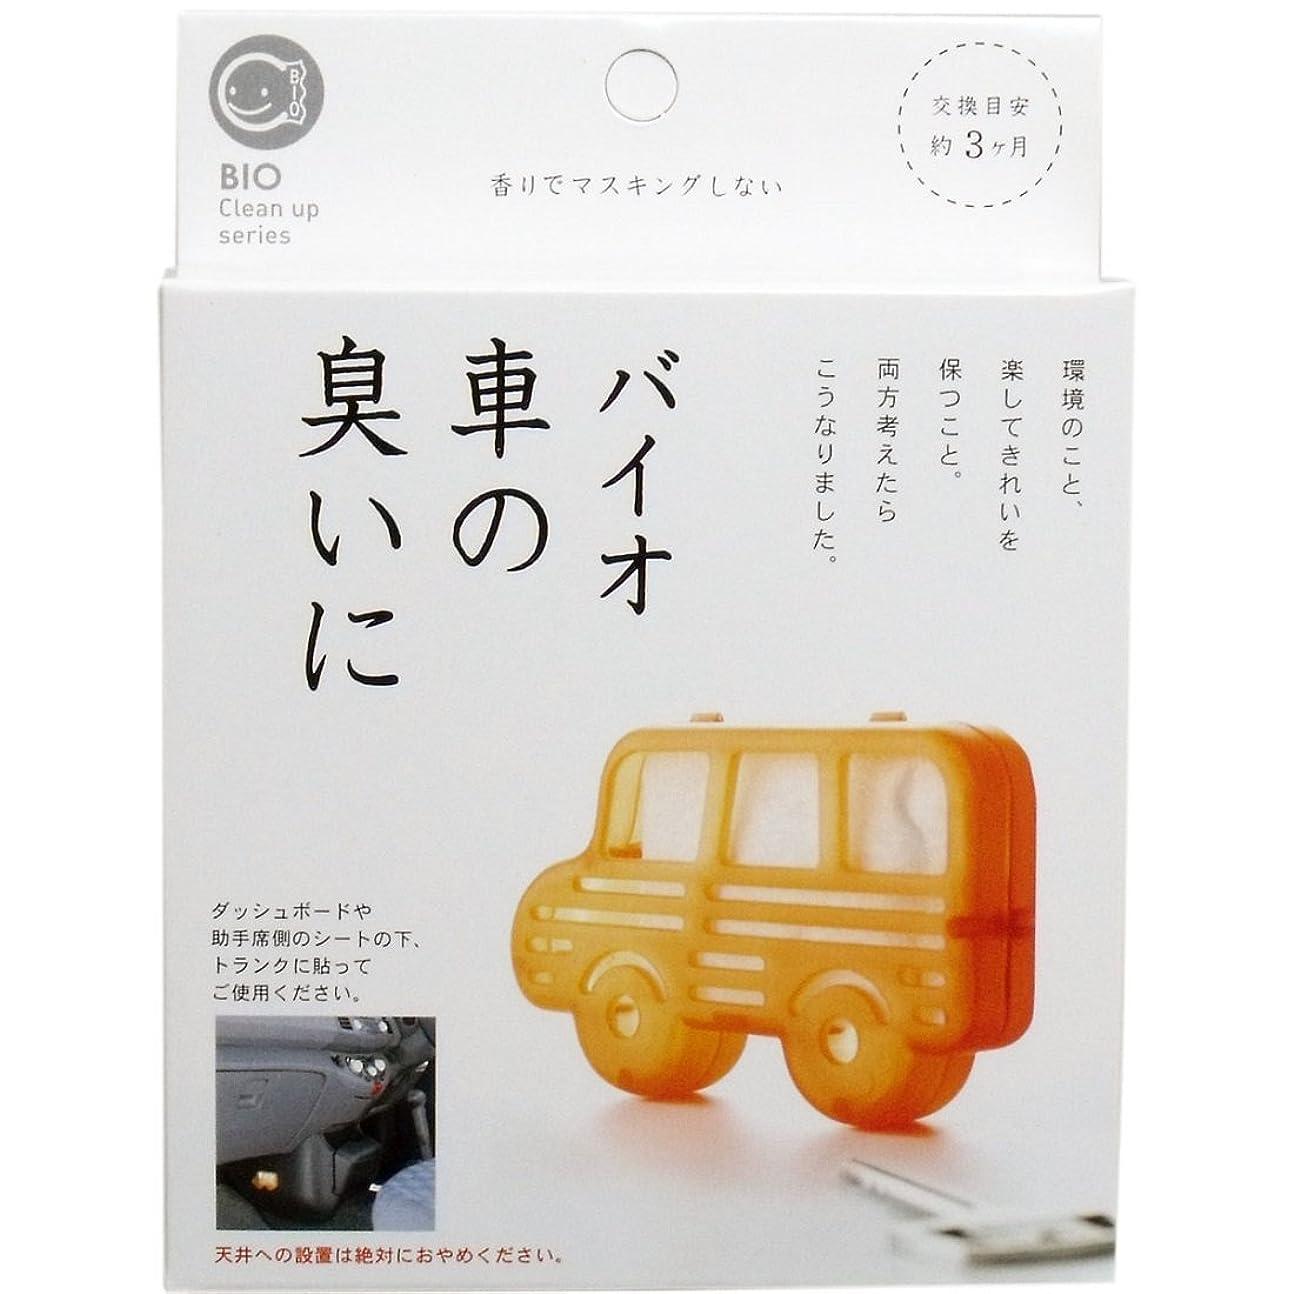 ケーブルカー定規ケーブルバイオ 車の臭いに 消臭剤 無香タイプ (交換目安:約3カ月)